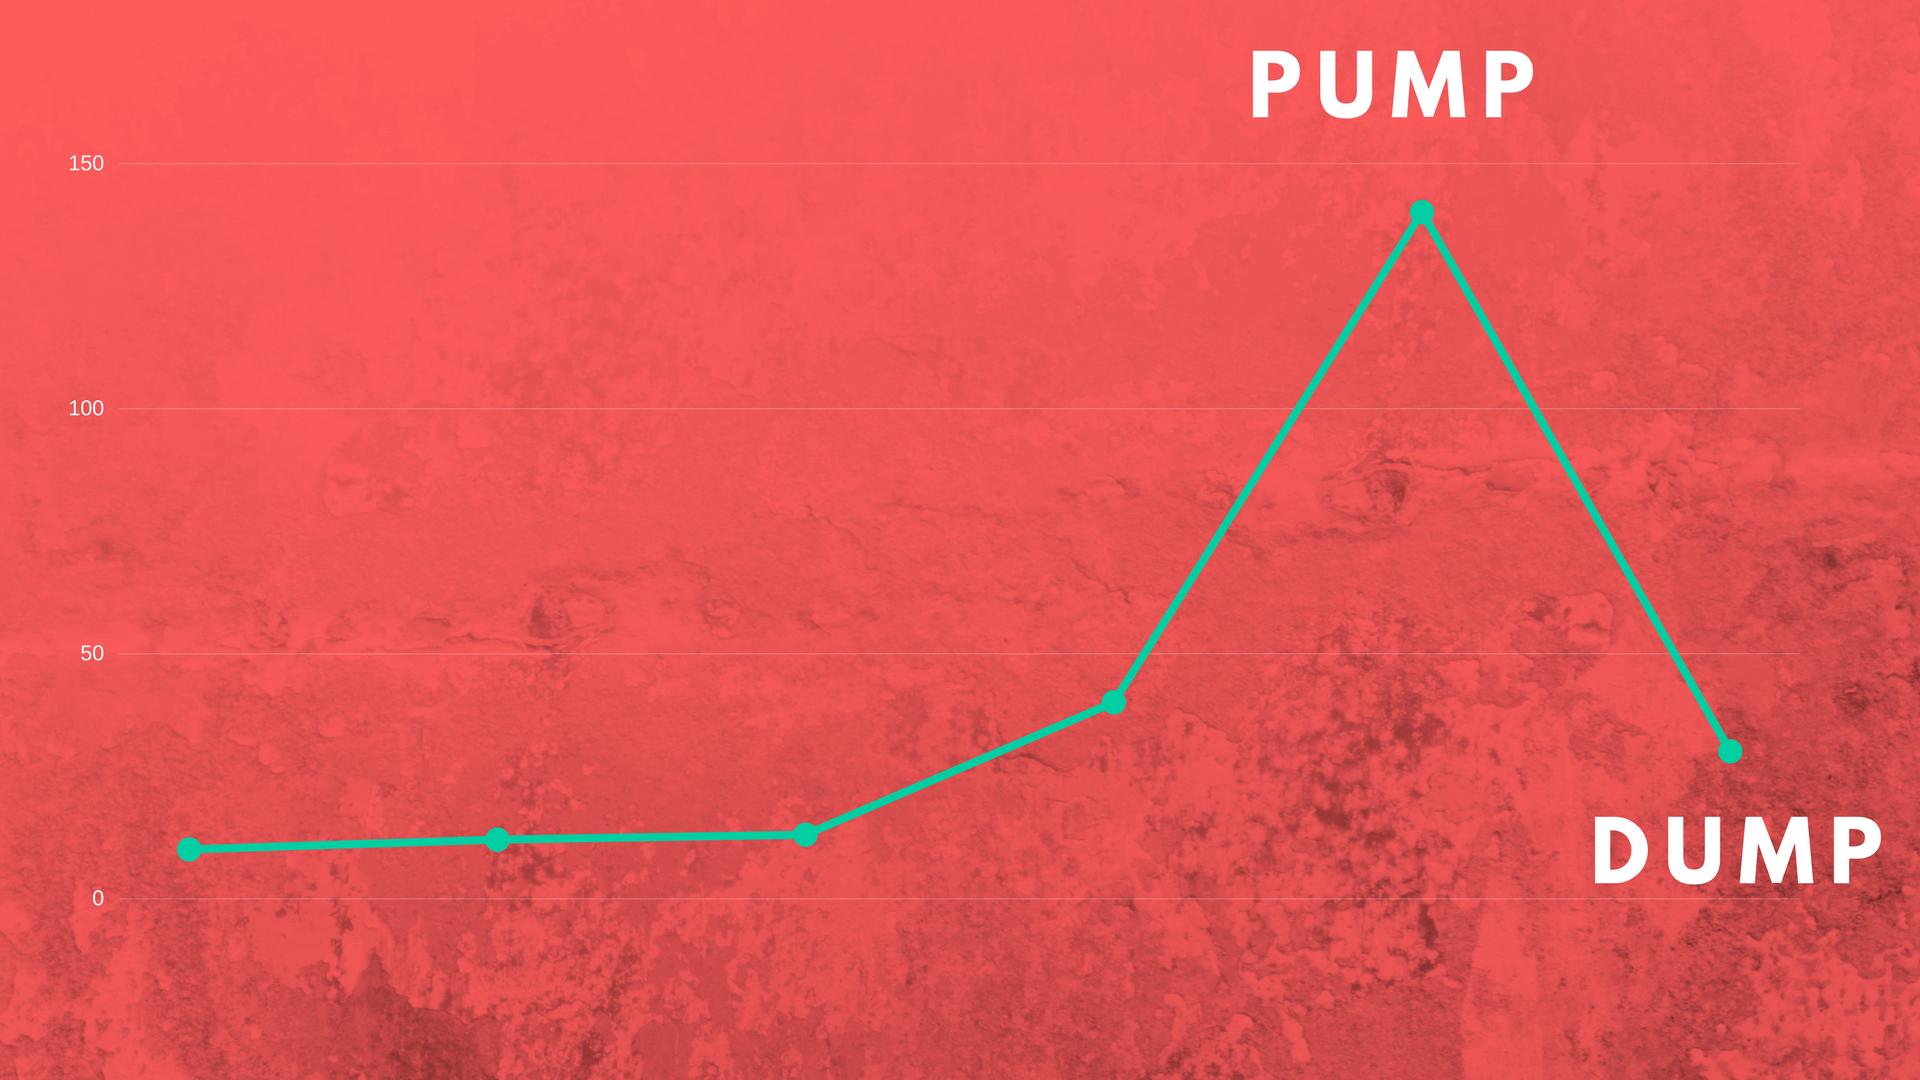 Pump and dump и хомячки — что такое памп и дамп криптовалют на бирже